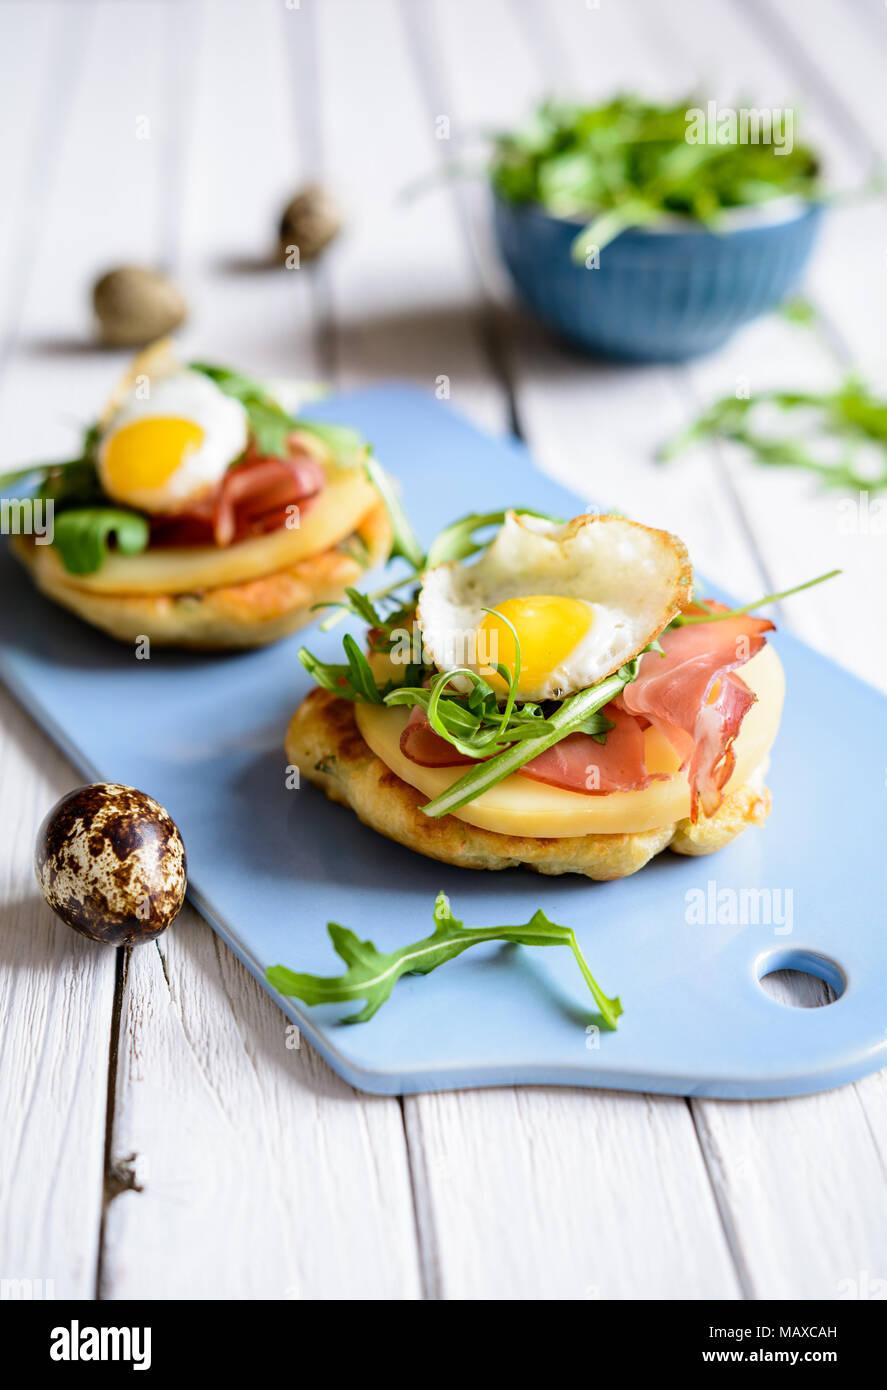 El yogur y el cebollino crepes salados con Black Forrest jamón, rebanadas de queso ahumado, huevo de codorniz y arugula Imagen De Stock